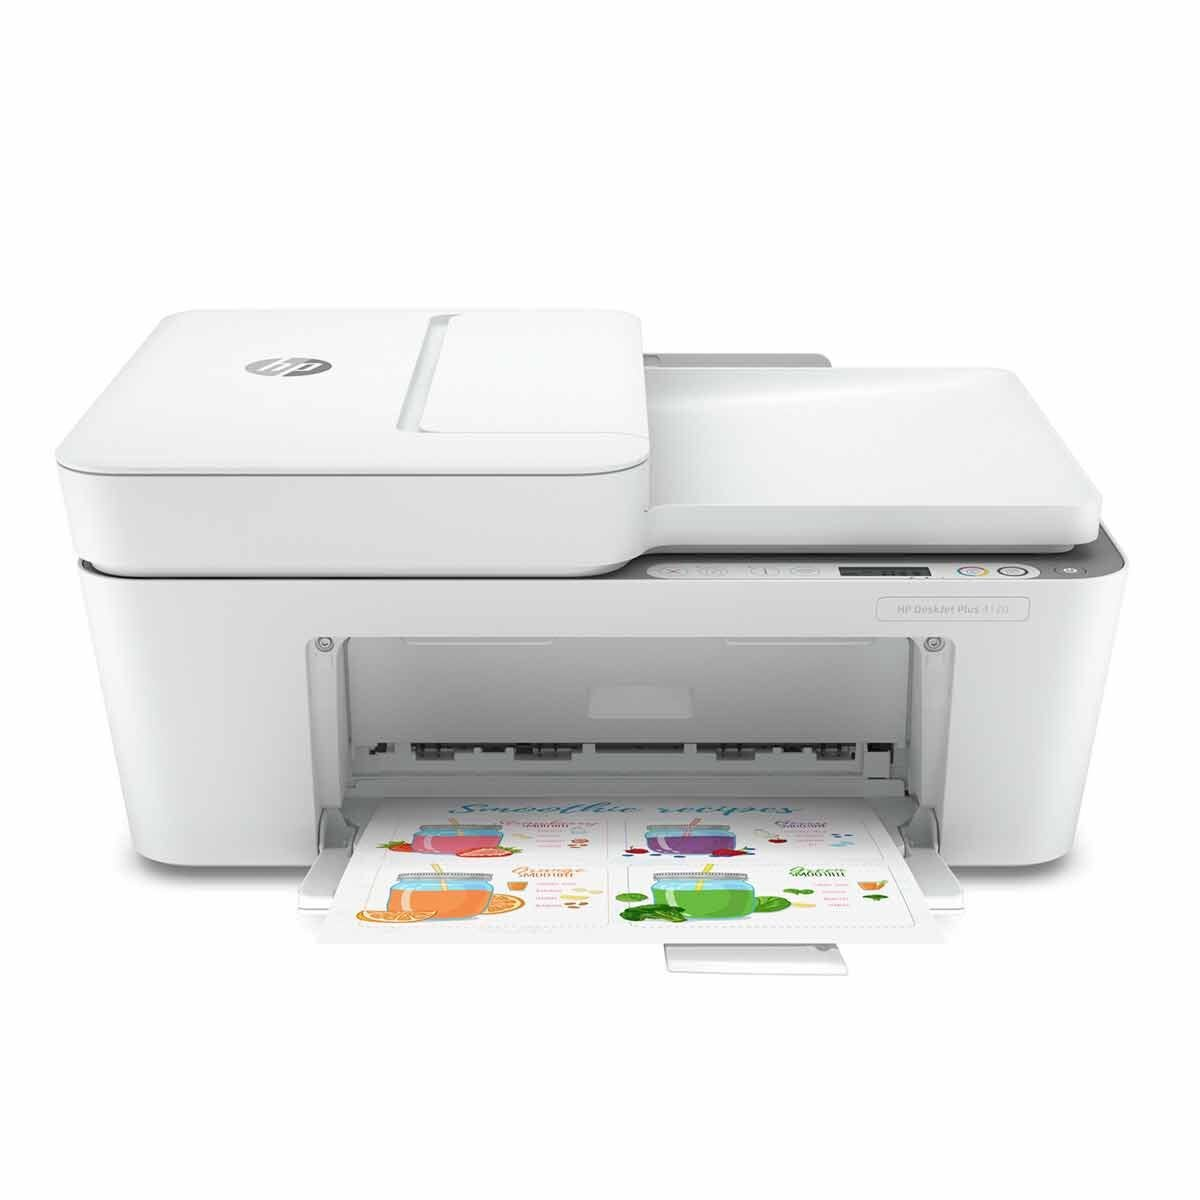 HP DeskJet Plus 4120 All in One Wireless Printer